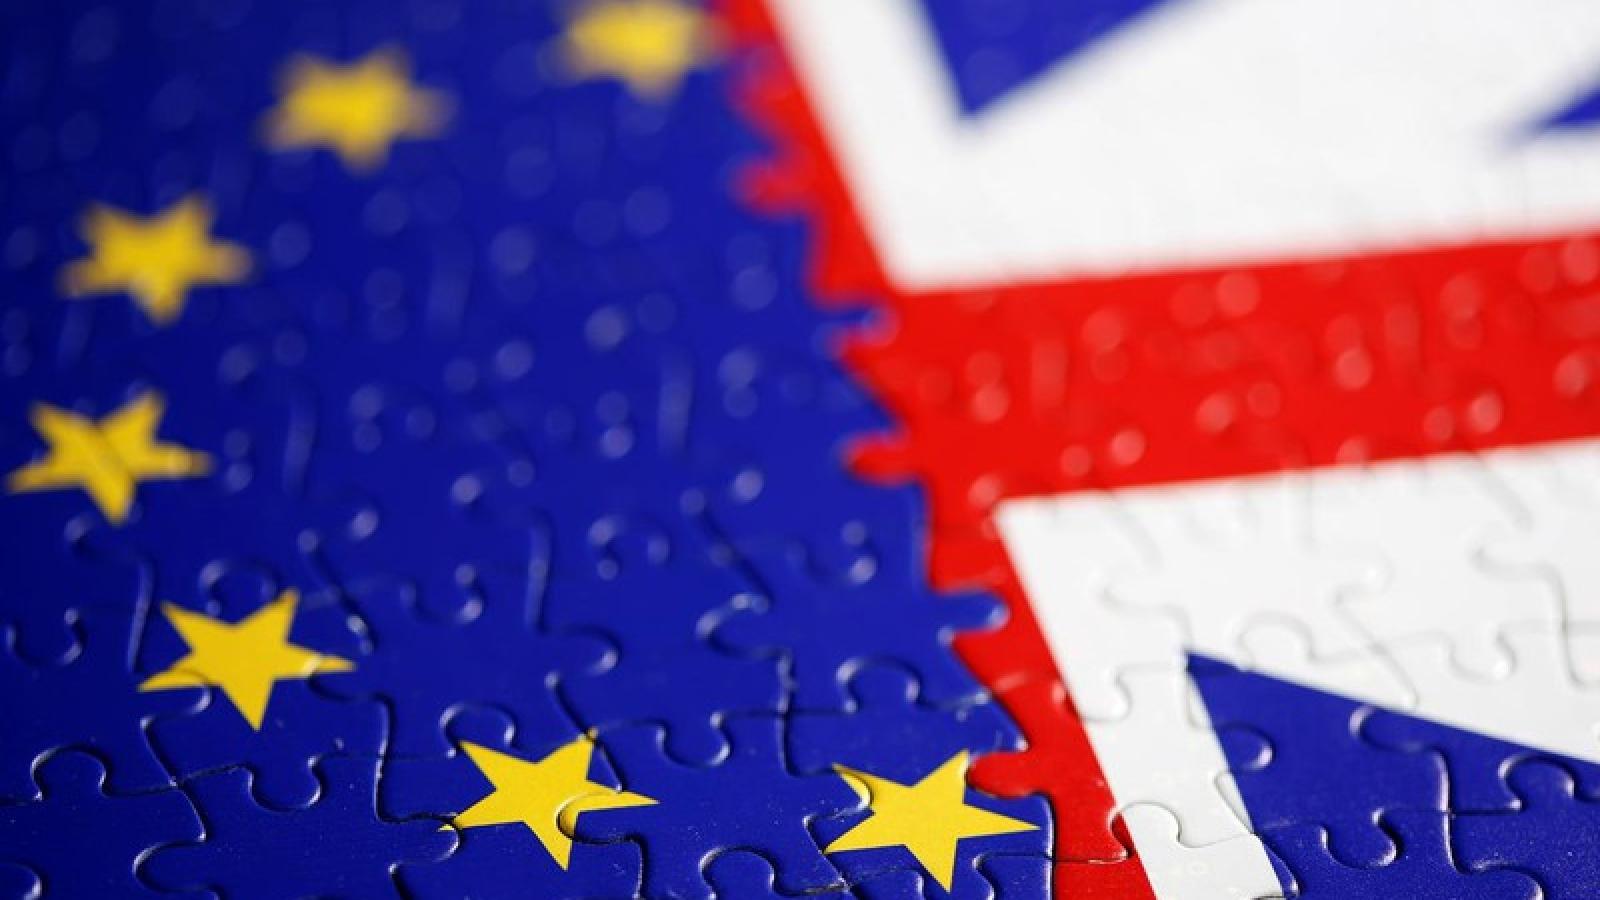 Anh và EU không nhượng bộ: Vòng đàm phán thứ 5 hậu Brexit rơi vào bế tắc